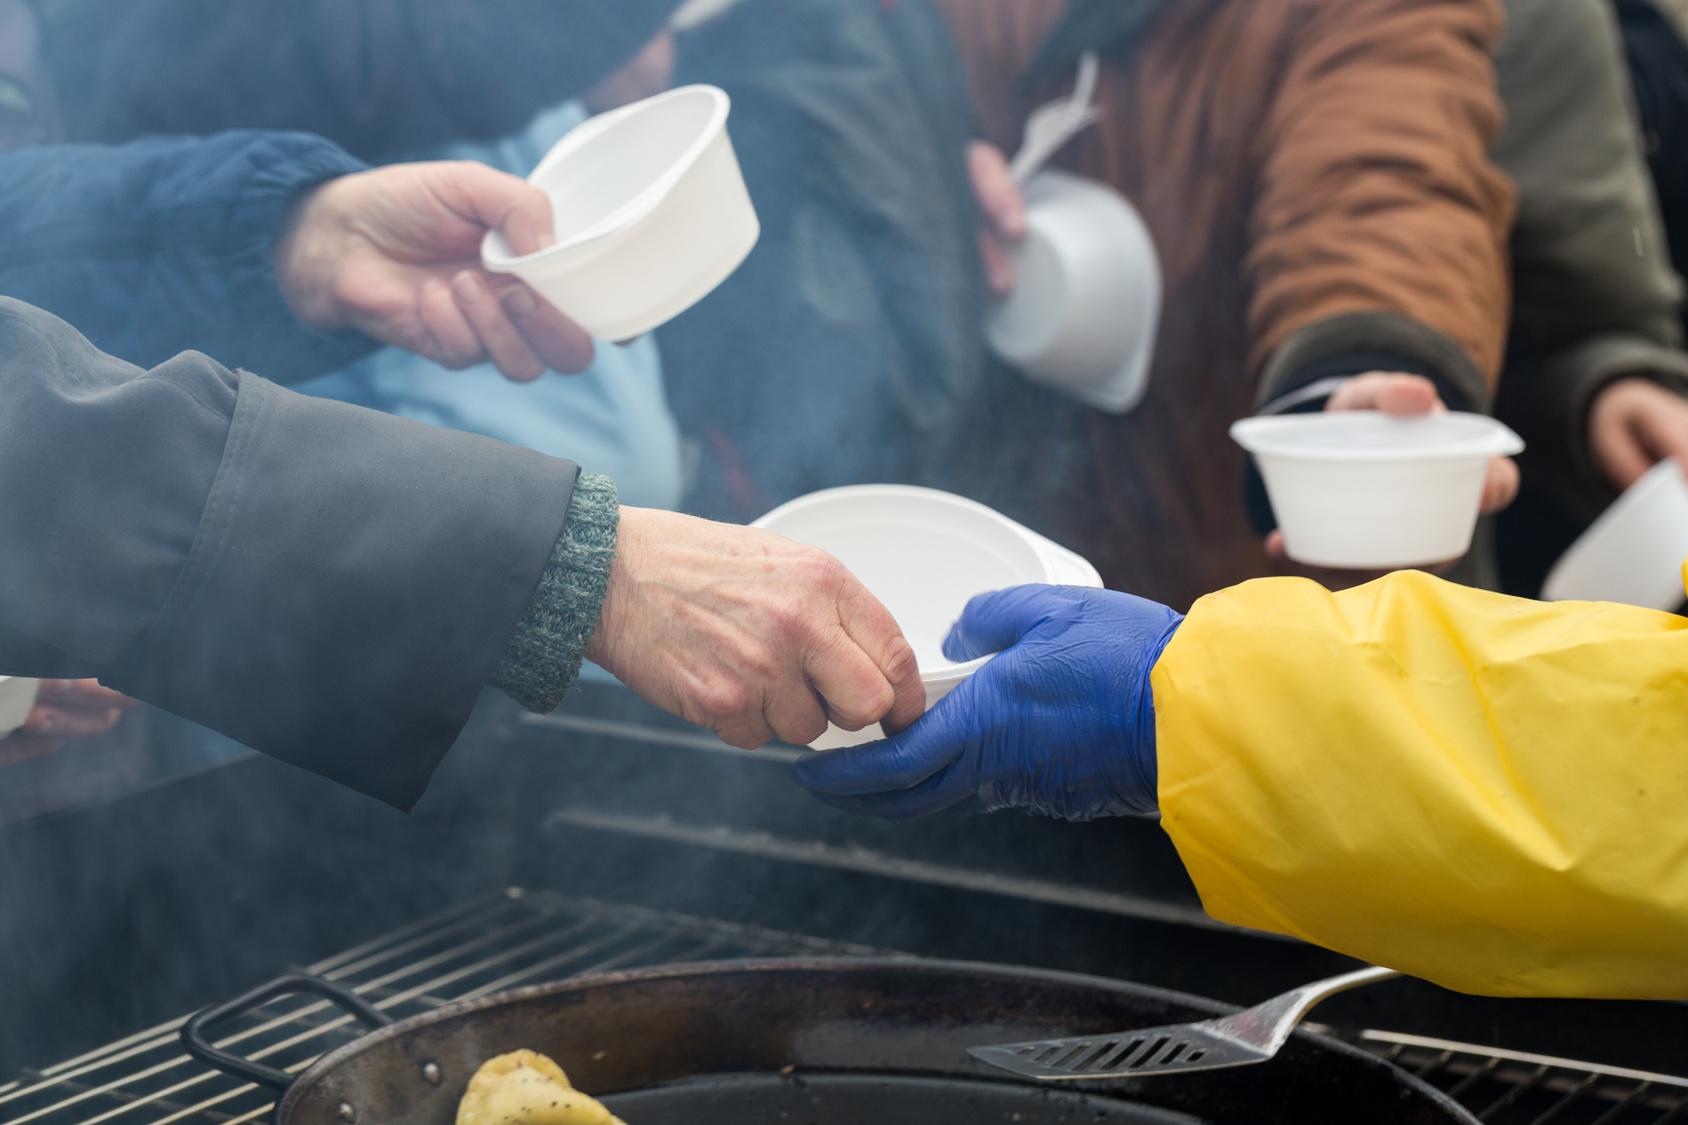 bezdomny bezdomni zupa ogrzewanie - Fotolia